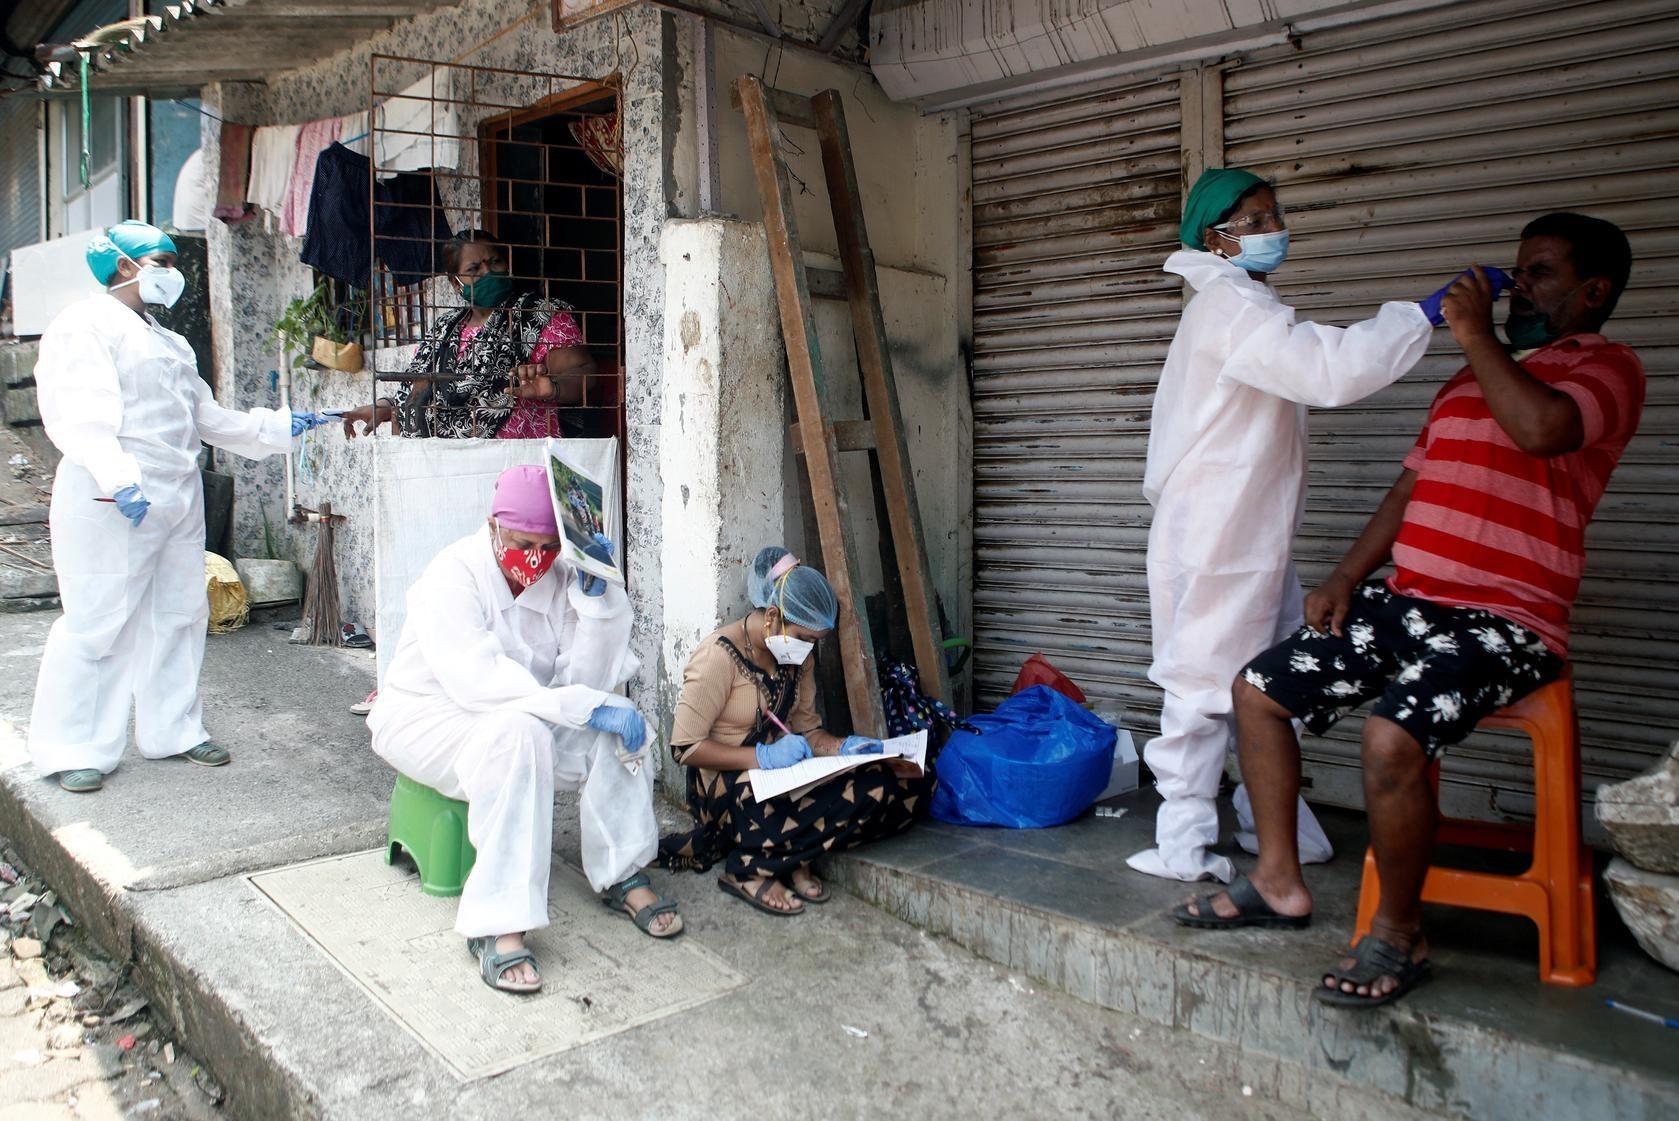 Nhân viên y tế tại Ấn Độ đến tận nhà dân để kiểm soát Covid-19. Ảnh: Reuters